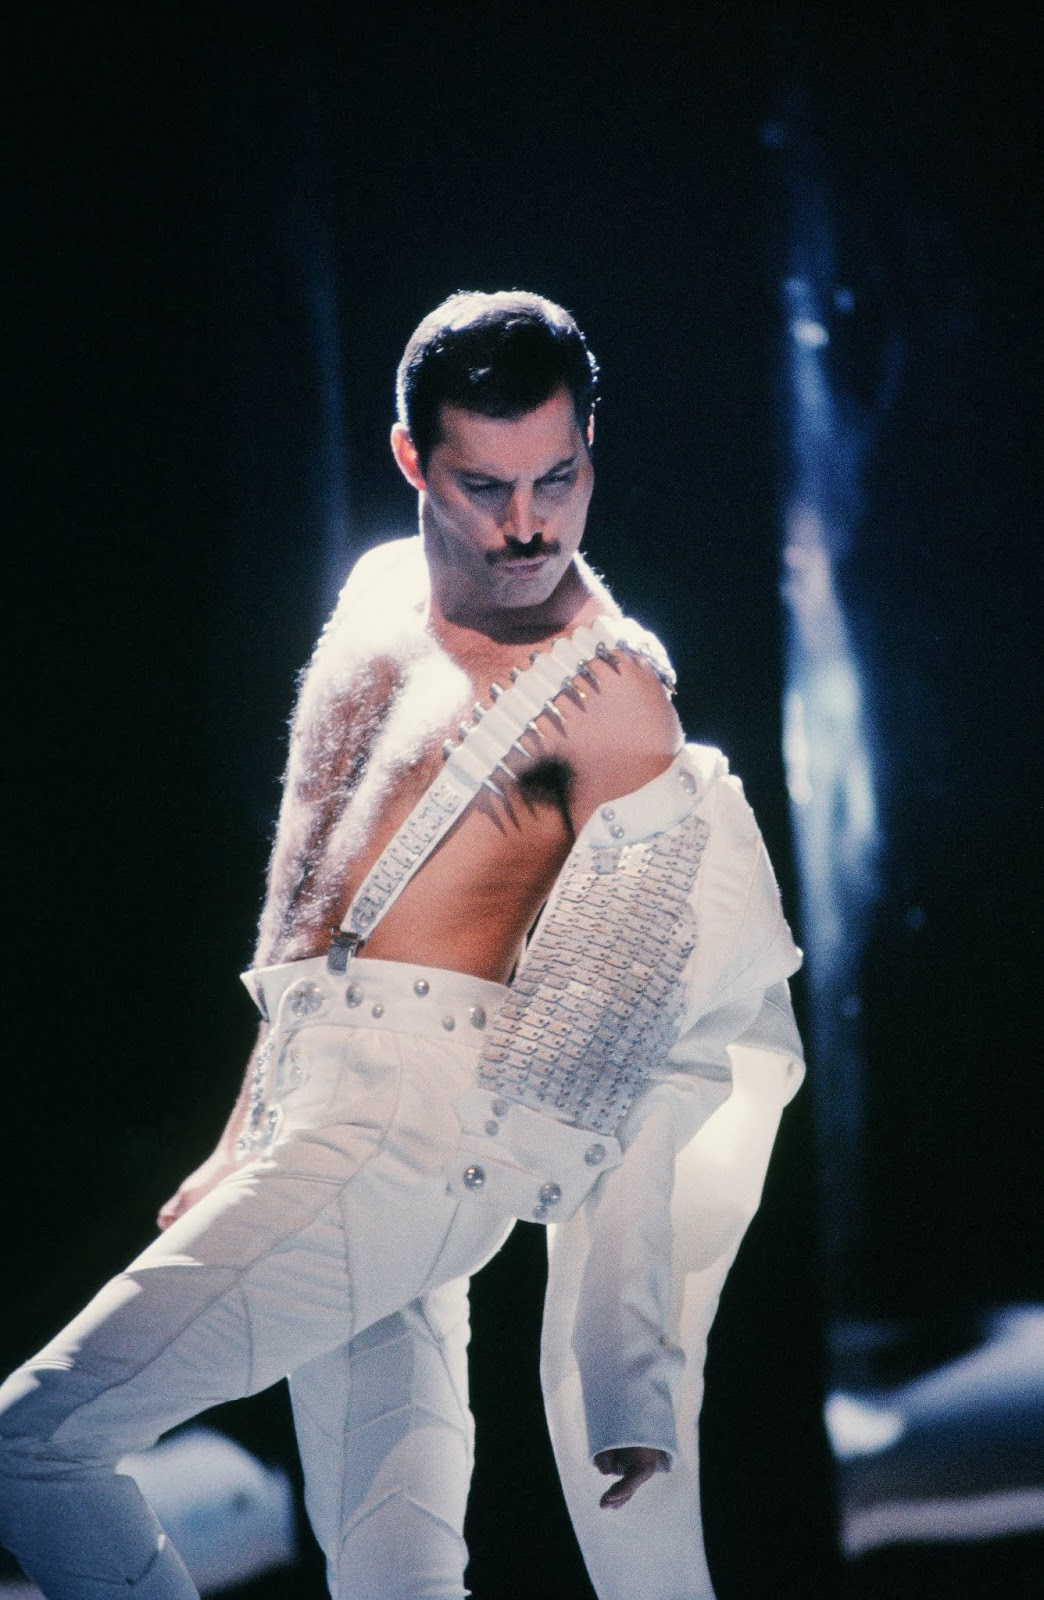 'Time Waits For No One'  bisher unveröffentlichter Auftritt von Freddie Mercury | Musikvideo des Tages